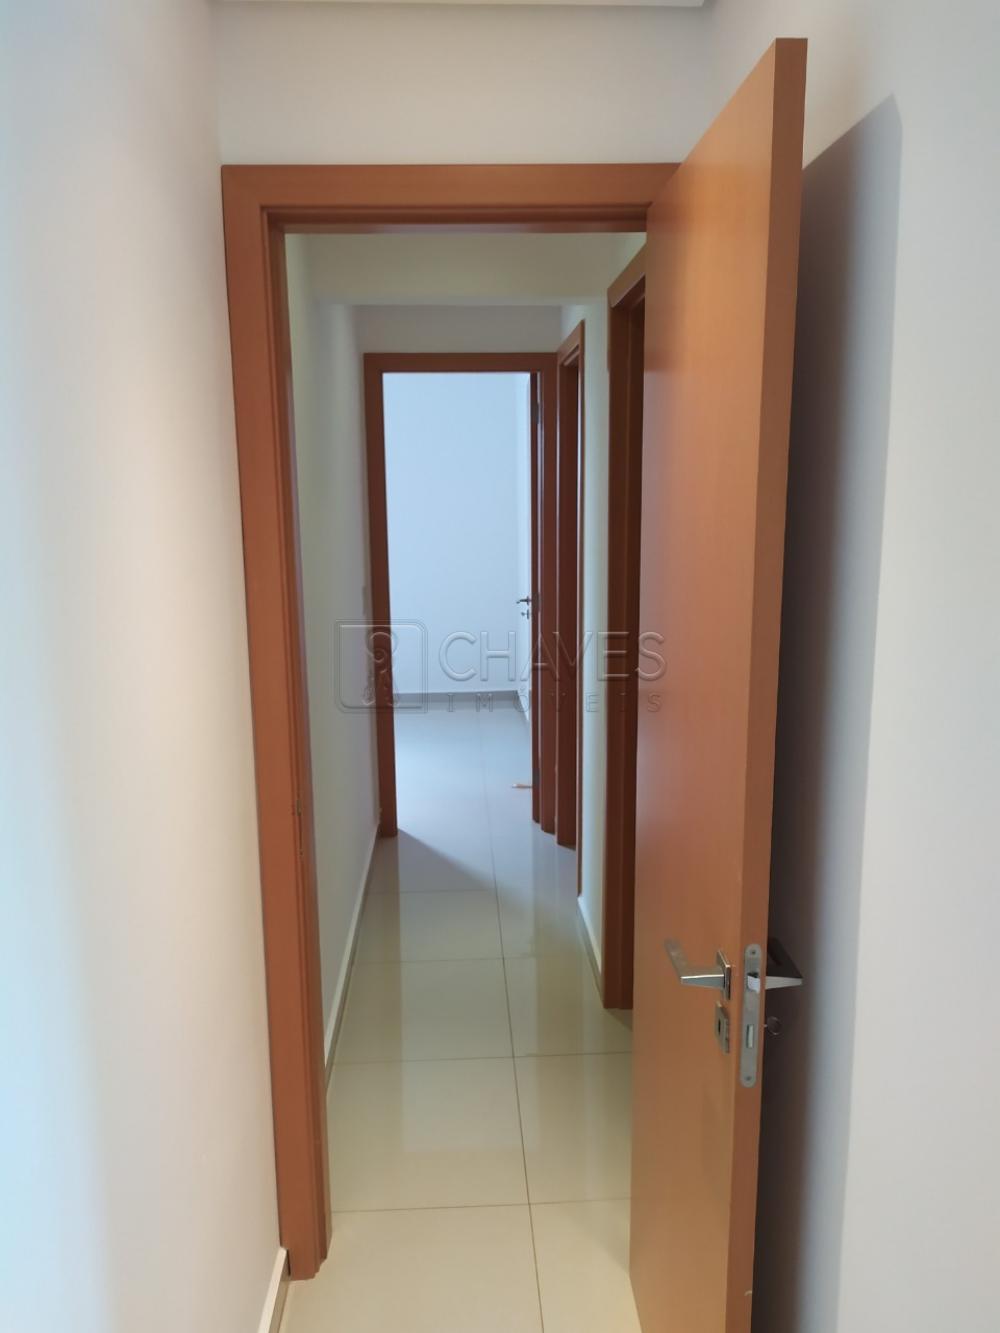 Alugar Apartamento / Padrão em Ribeirão Preto apenas R$ 3.800,00 - Foto 18